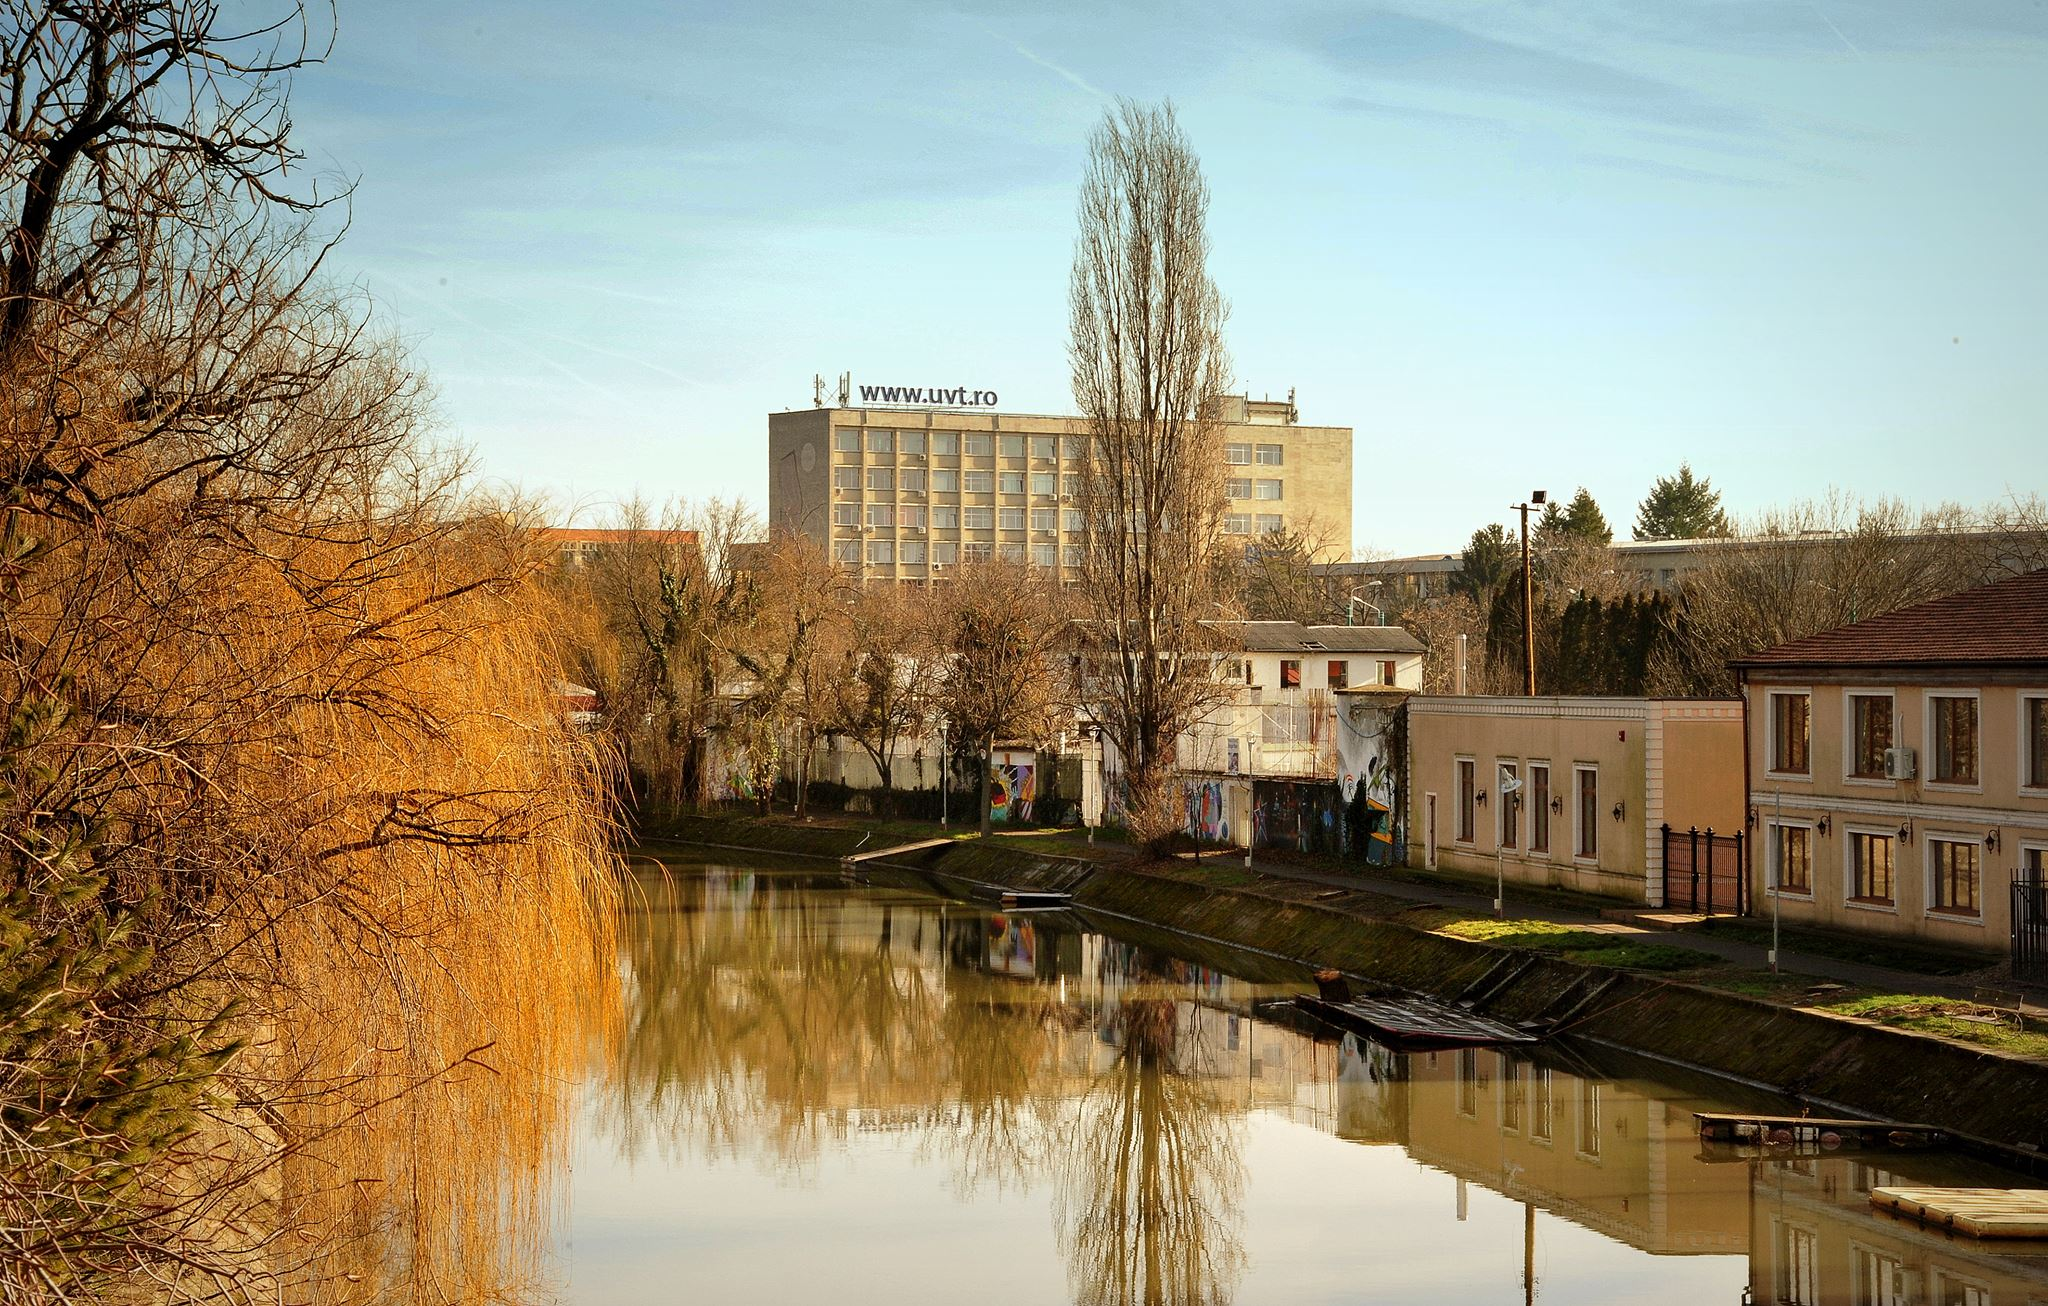 West University from Timisoara - WUT Campus